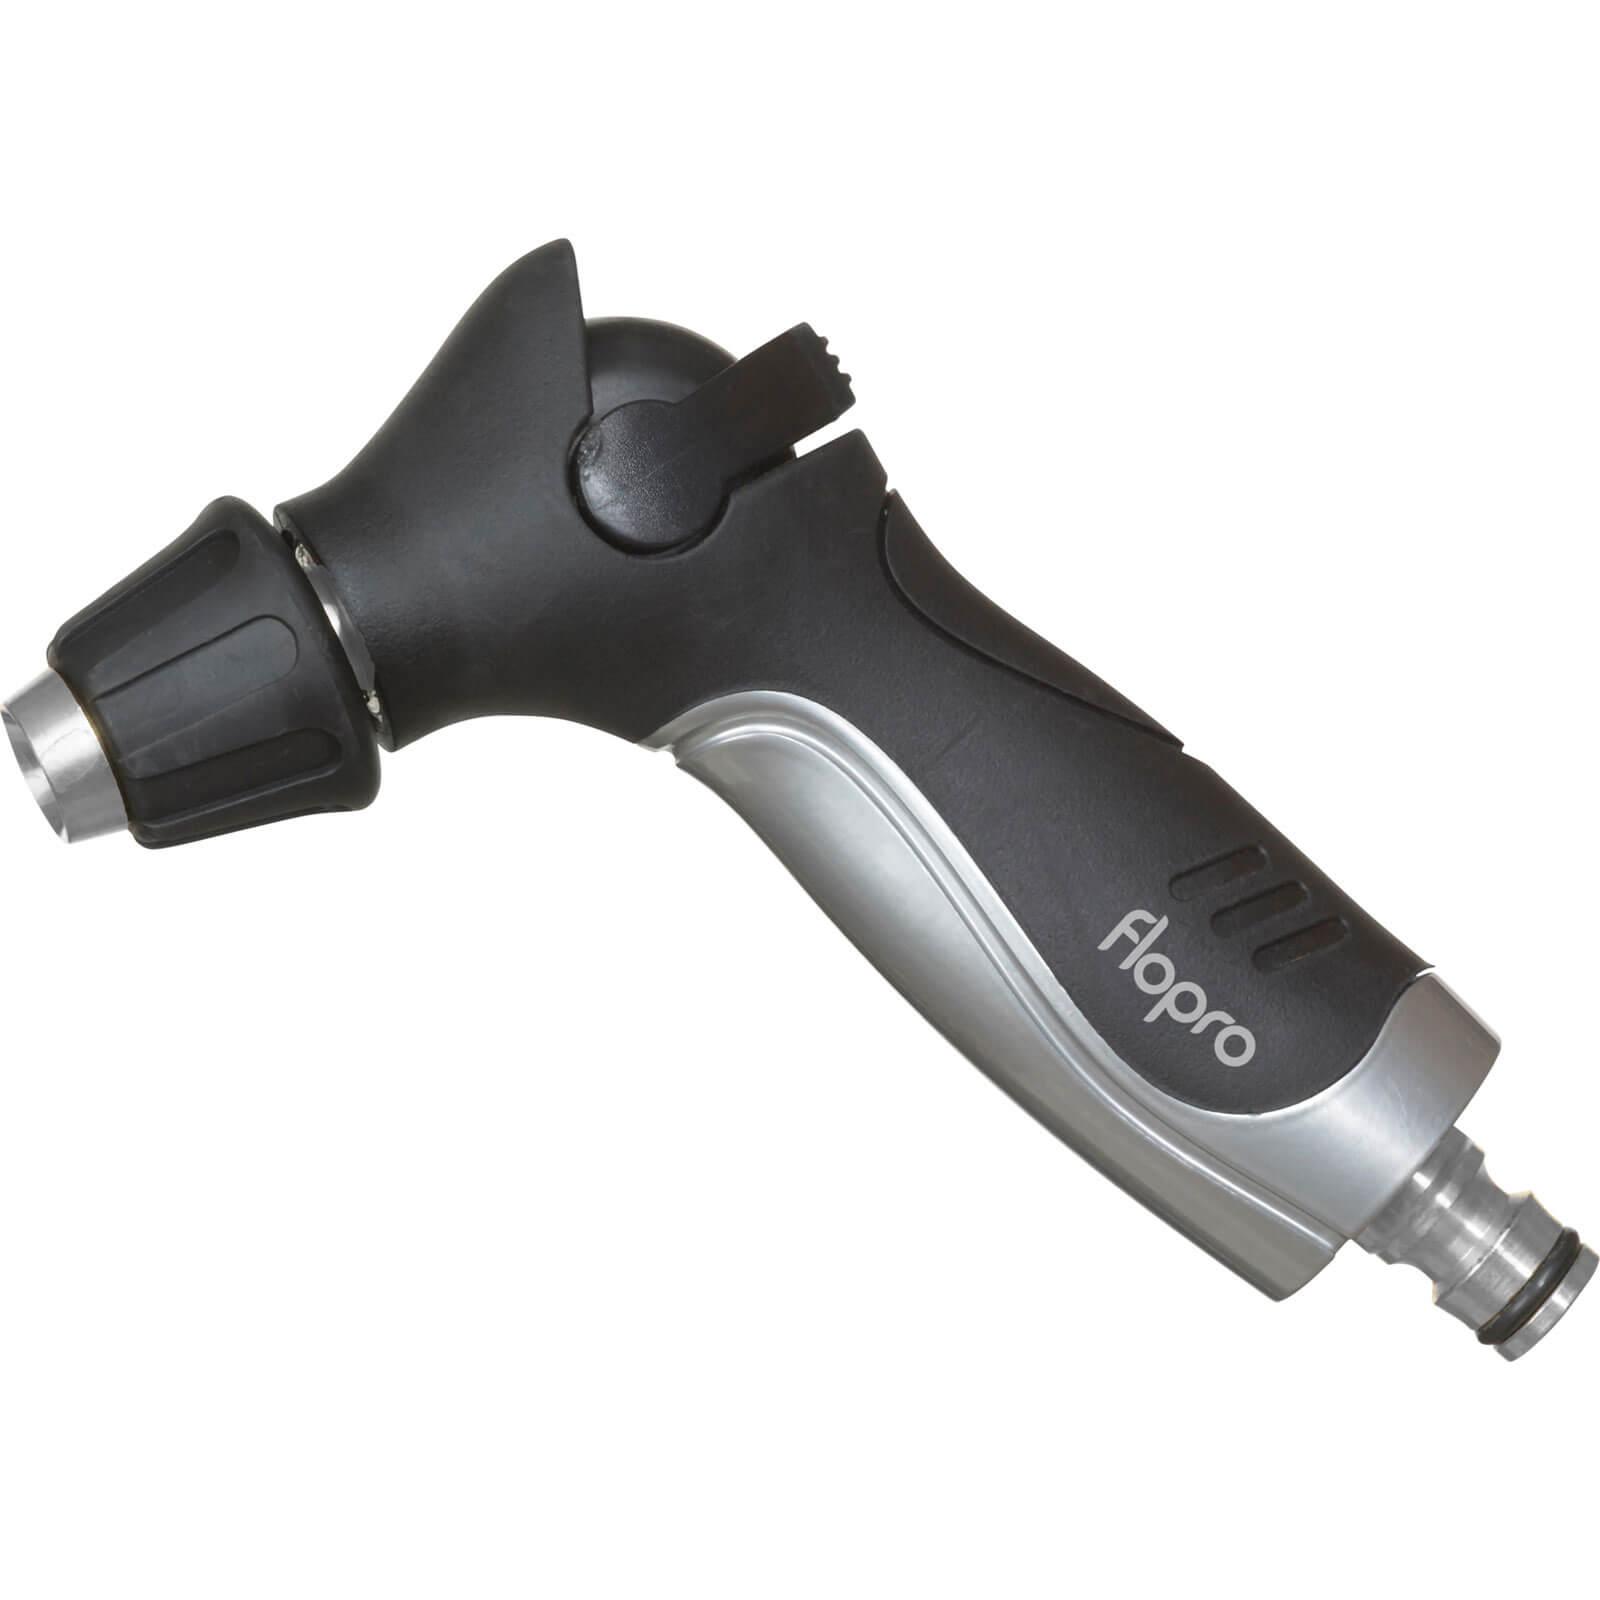 Image of Flopro Flopro Elite Jet Spray Gun